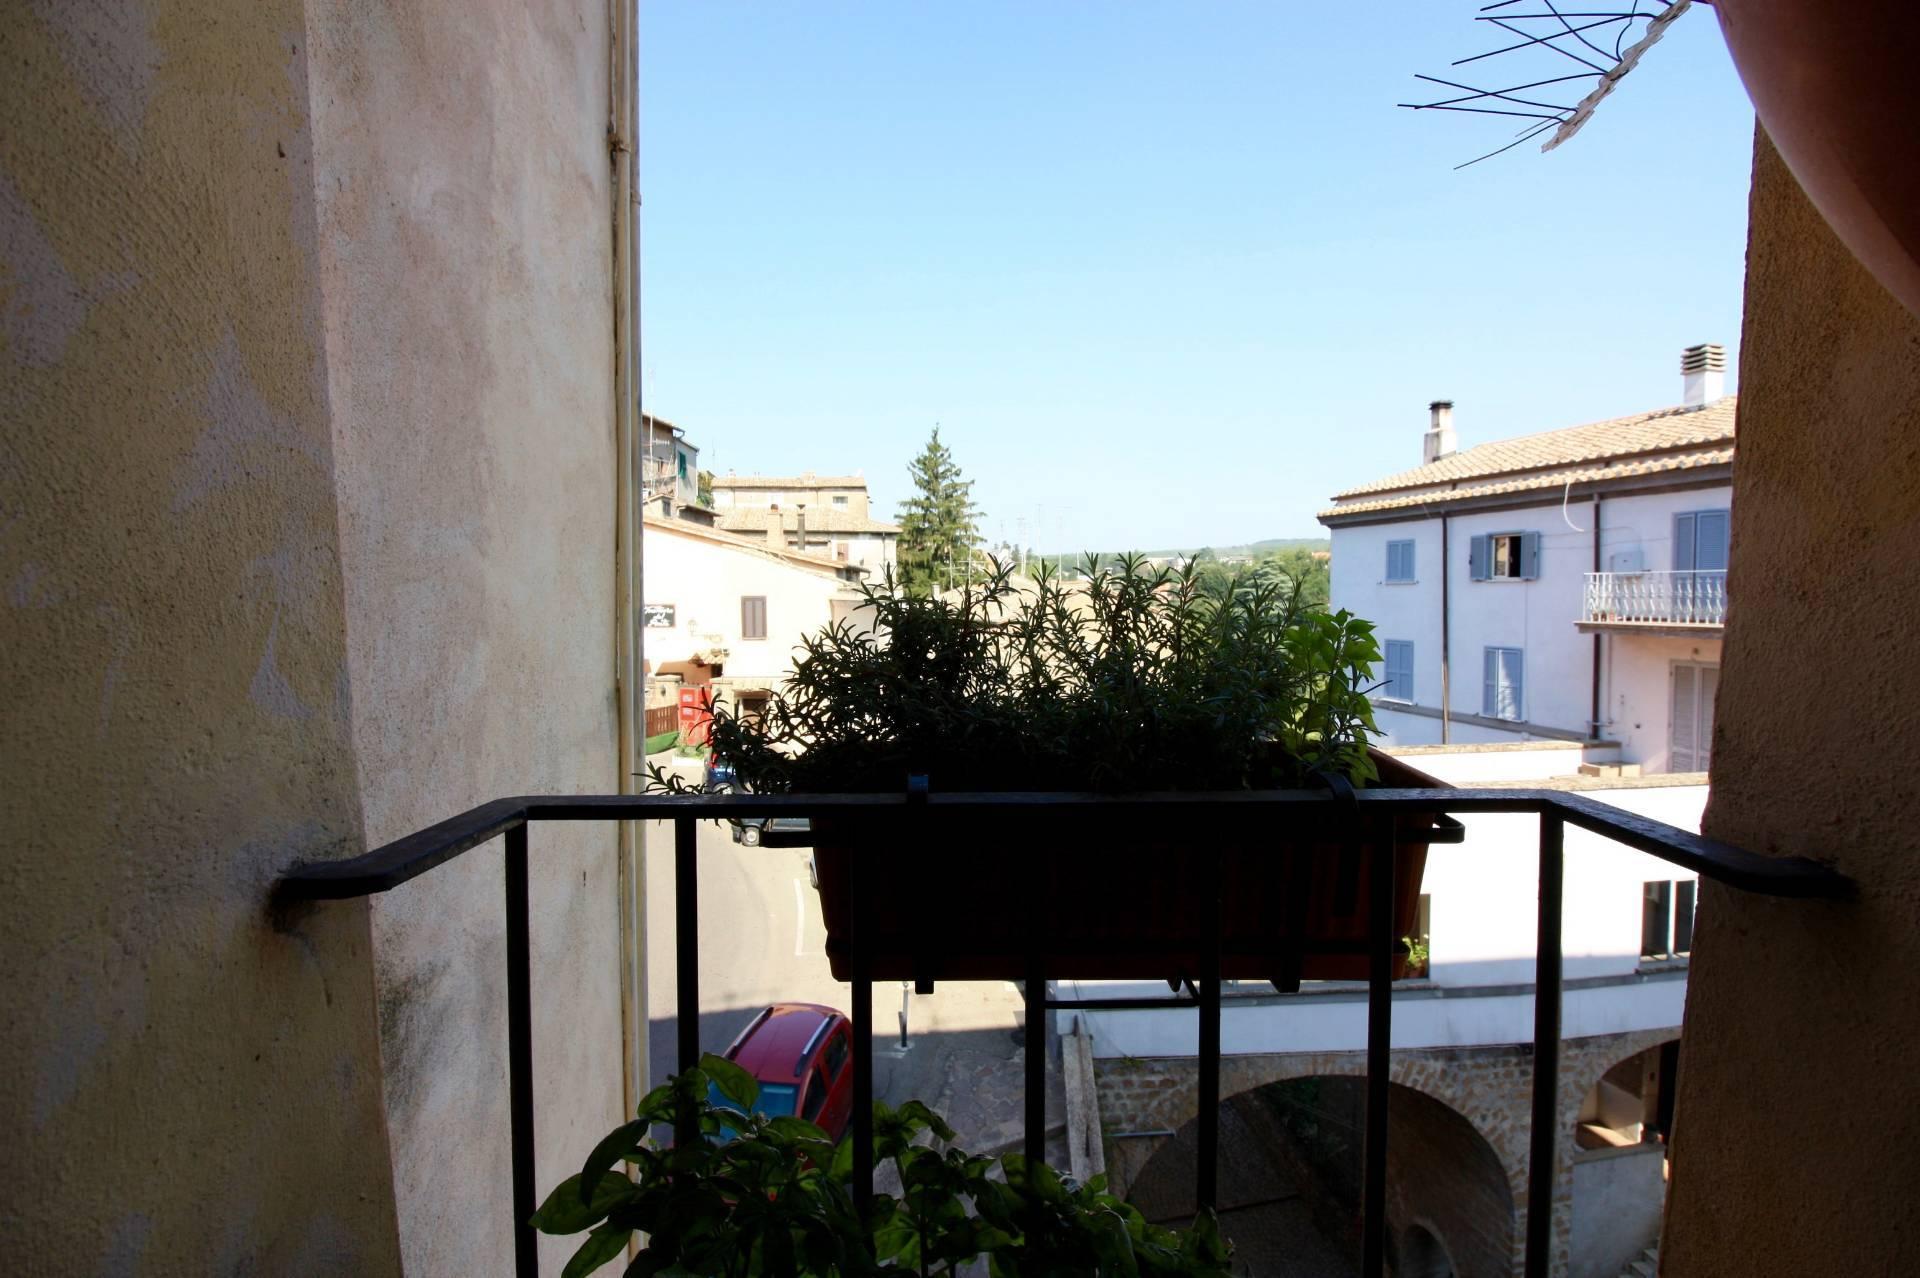 Appartamento in vendita a Capranica, 3 locali, prezzo € 35.000   CambioCasa.it